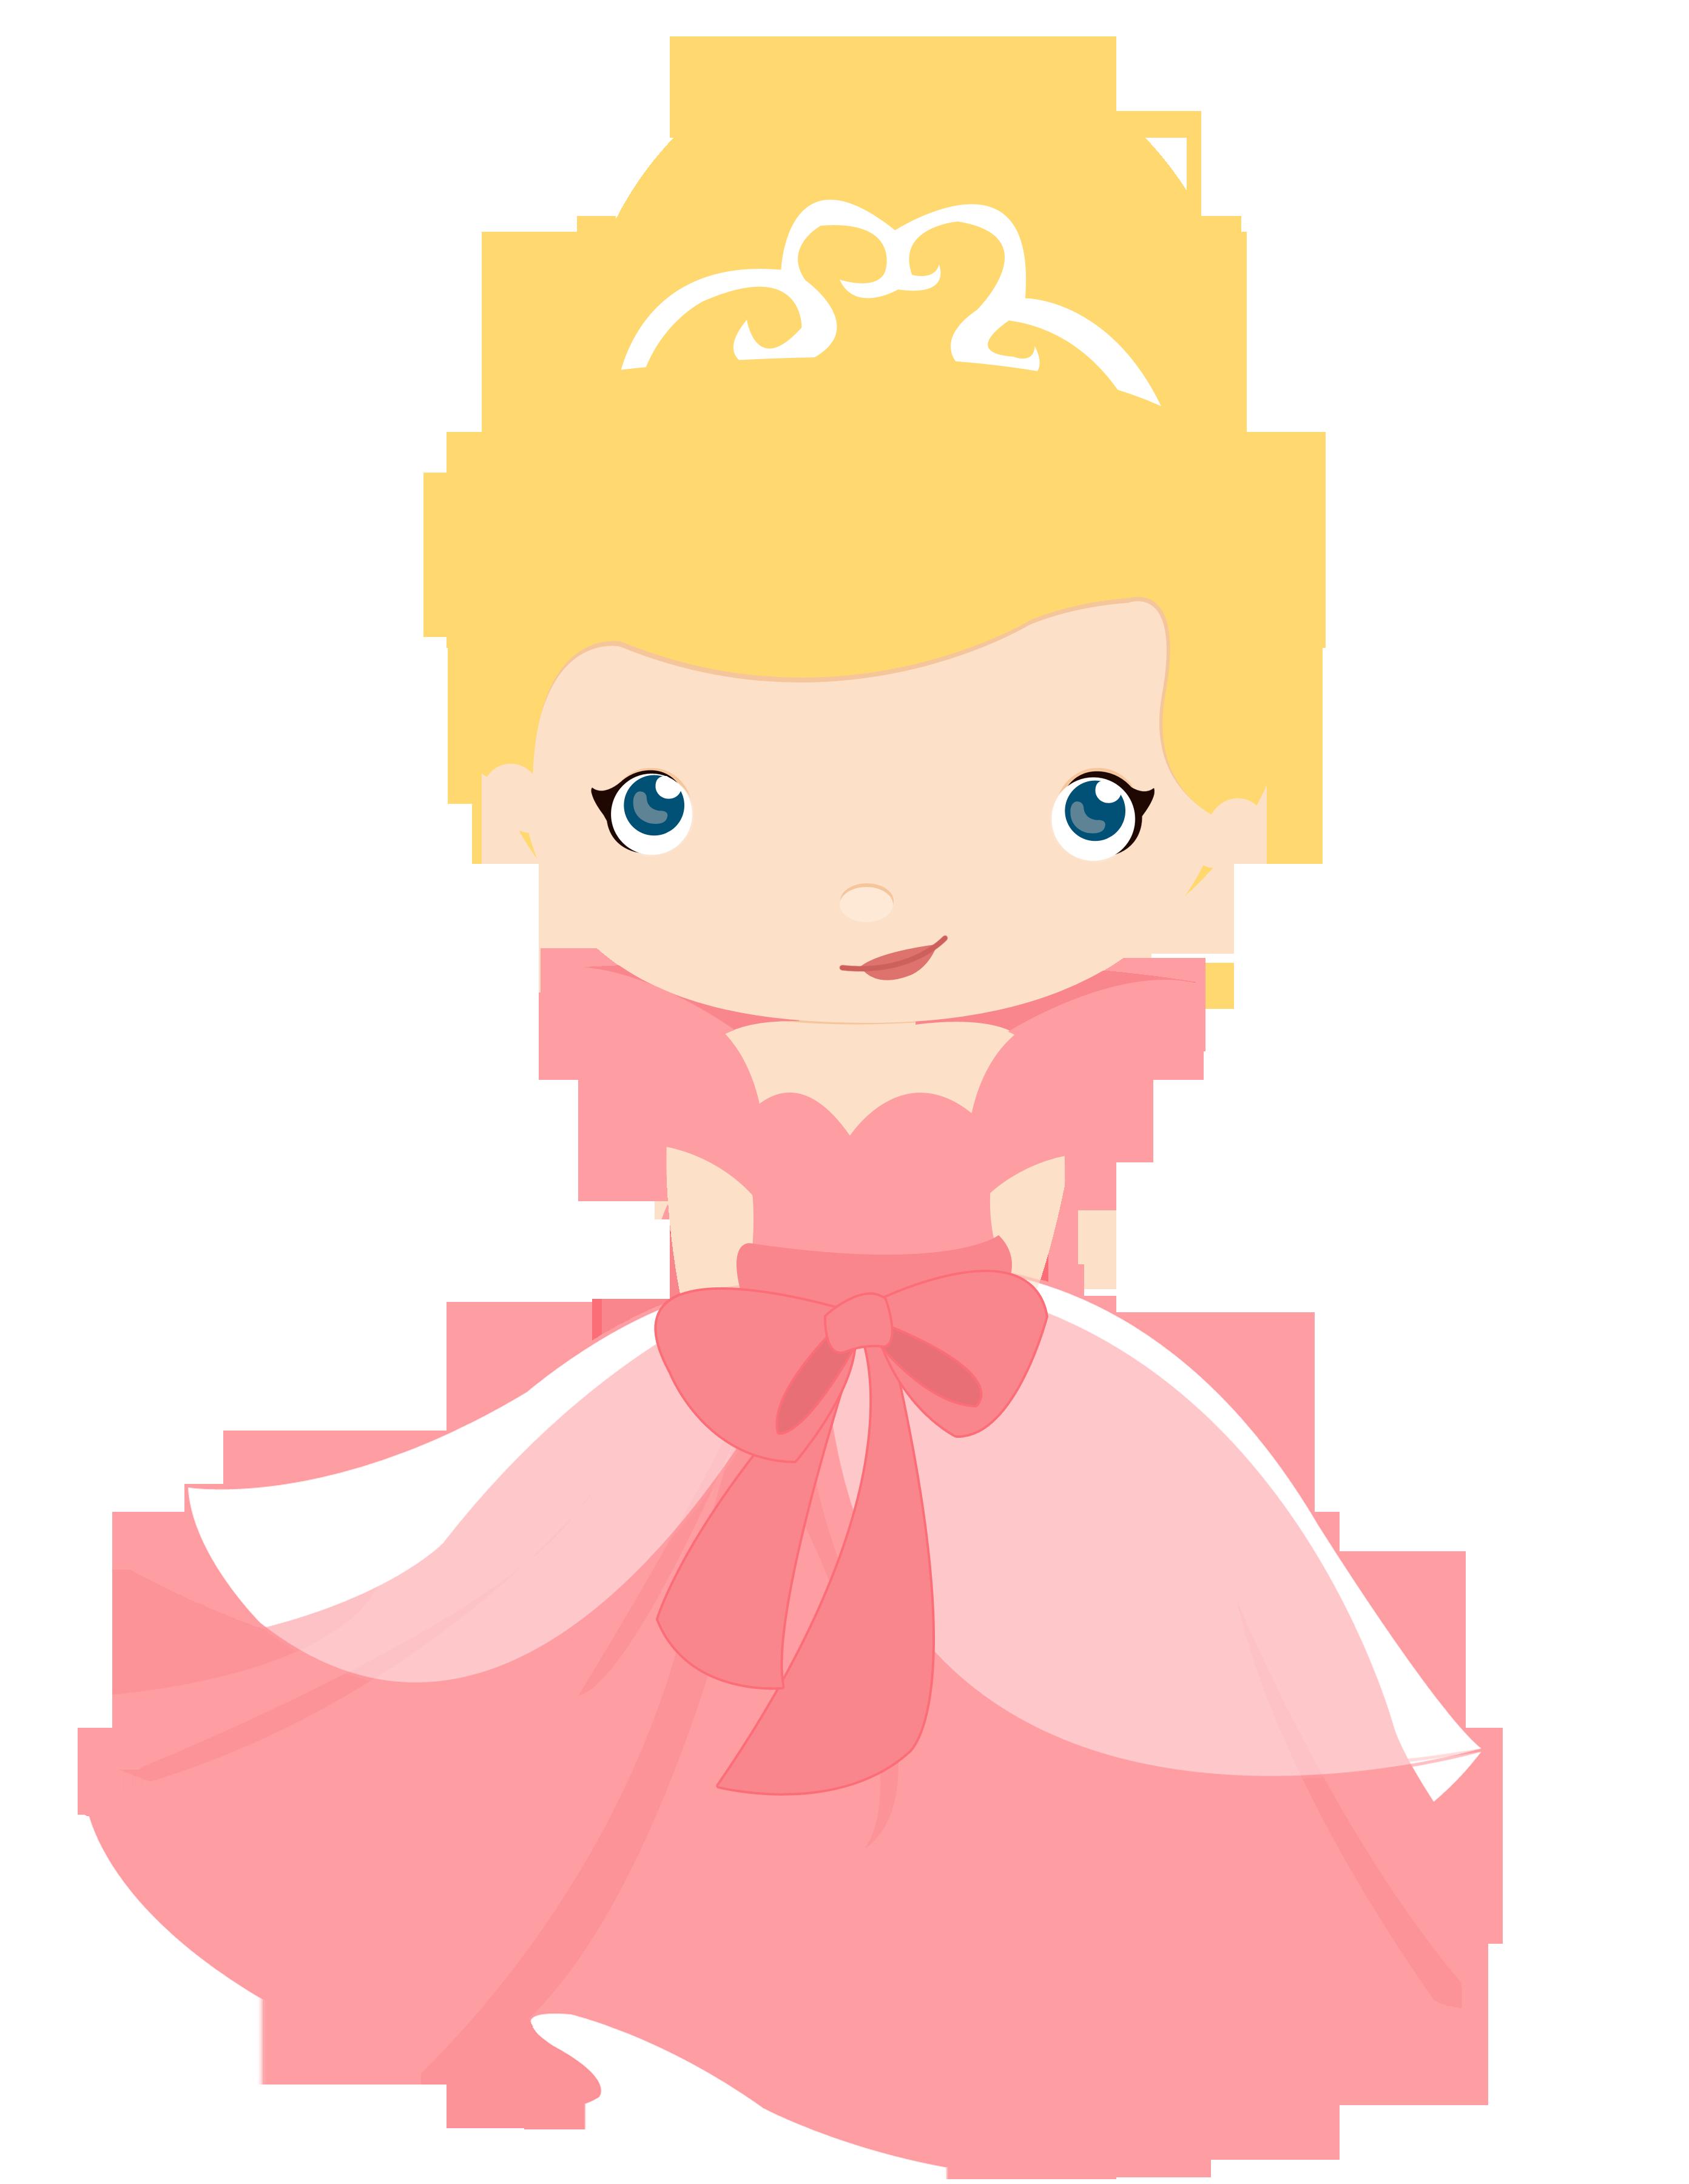 Queen clipart queen isabella. A princesa e o